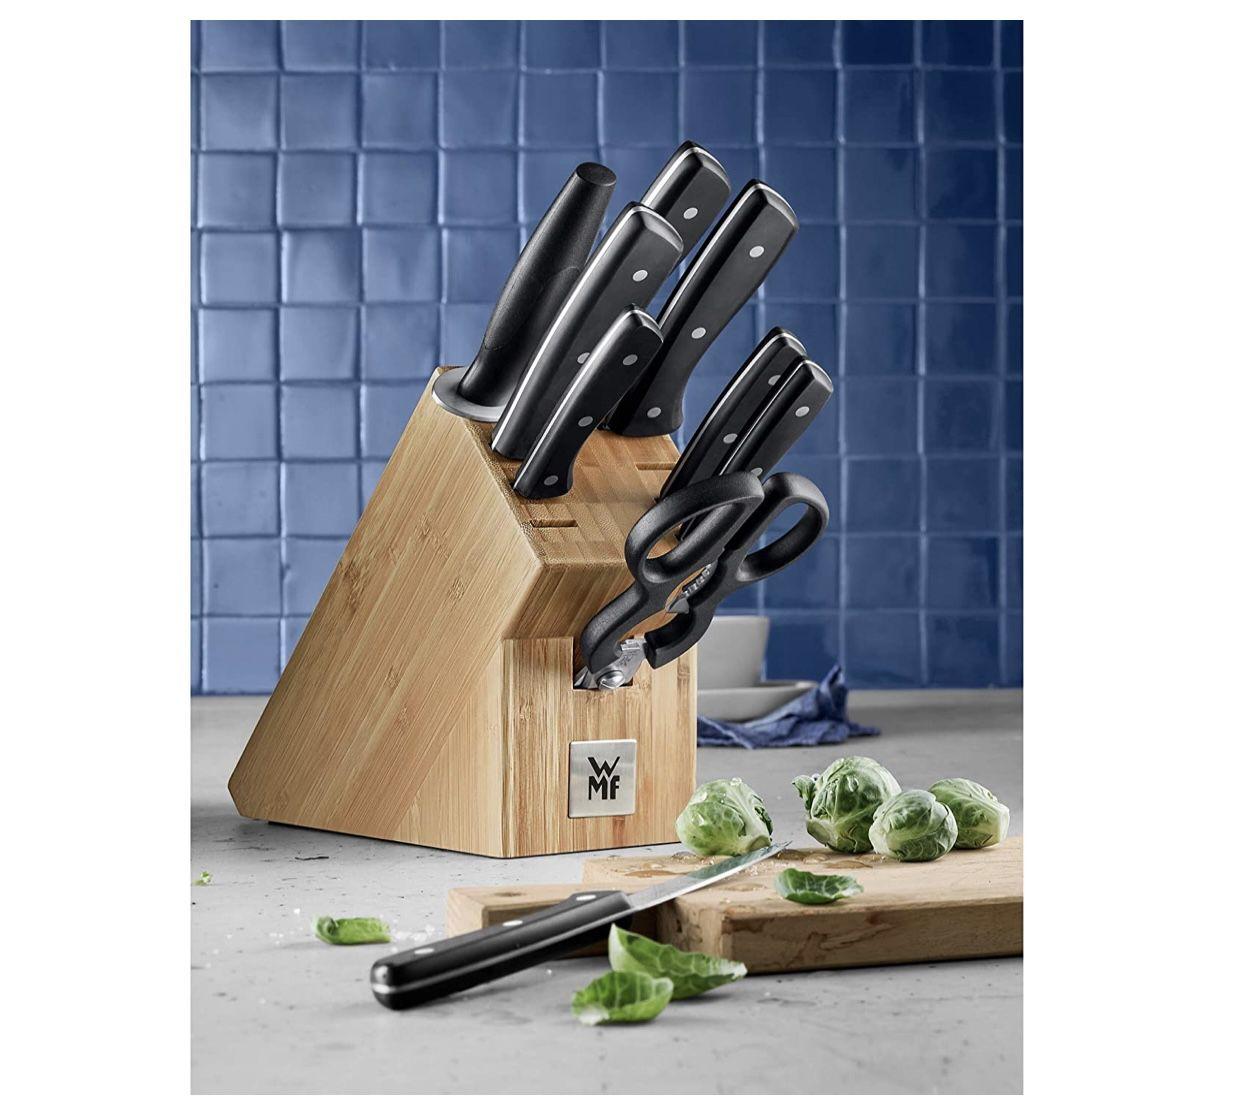 WMF Messerblock Profi Select mit 10 teiligem Messerset aus Spezialklingenstahl für 99€ (statt 130€)